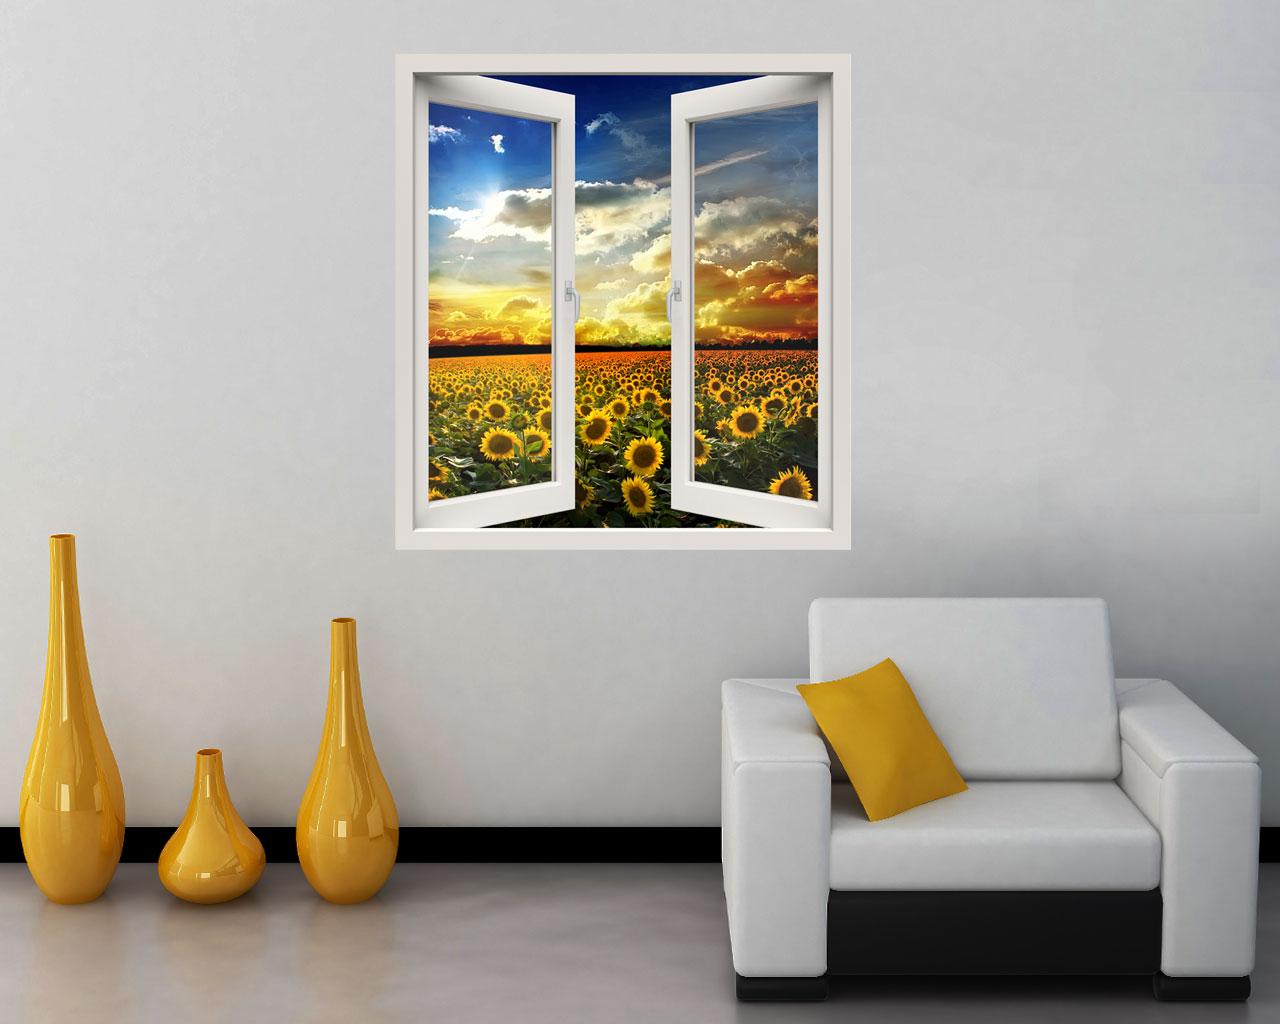 Affacciarsi sui girasoli natura finestra illusione interni decori adesivi murali - Quadri con finestre ...